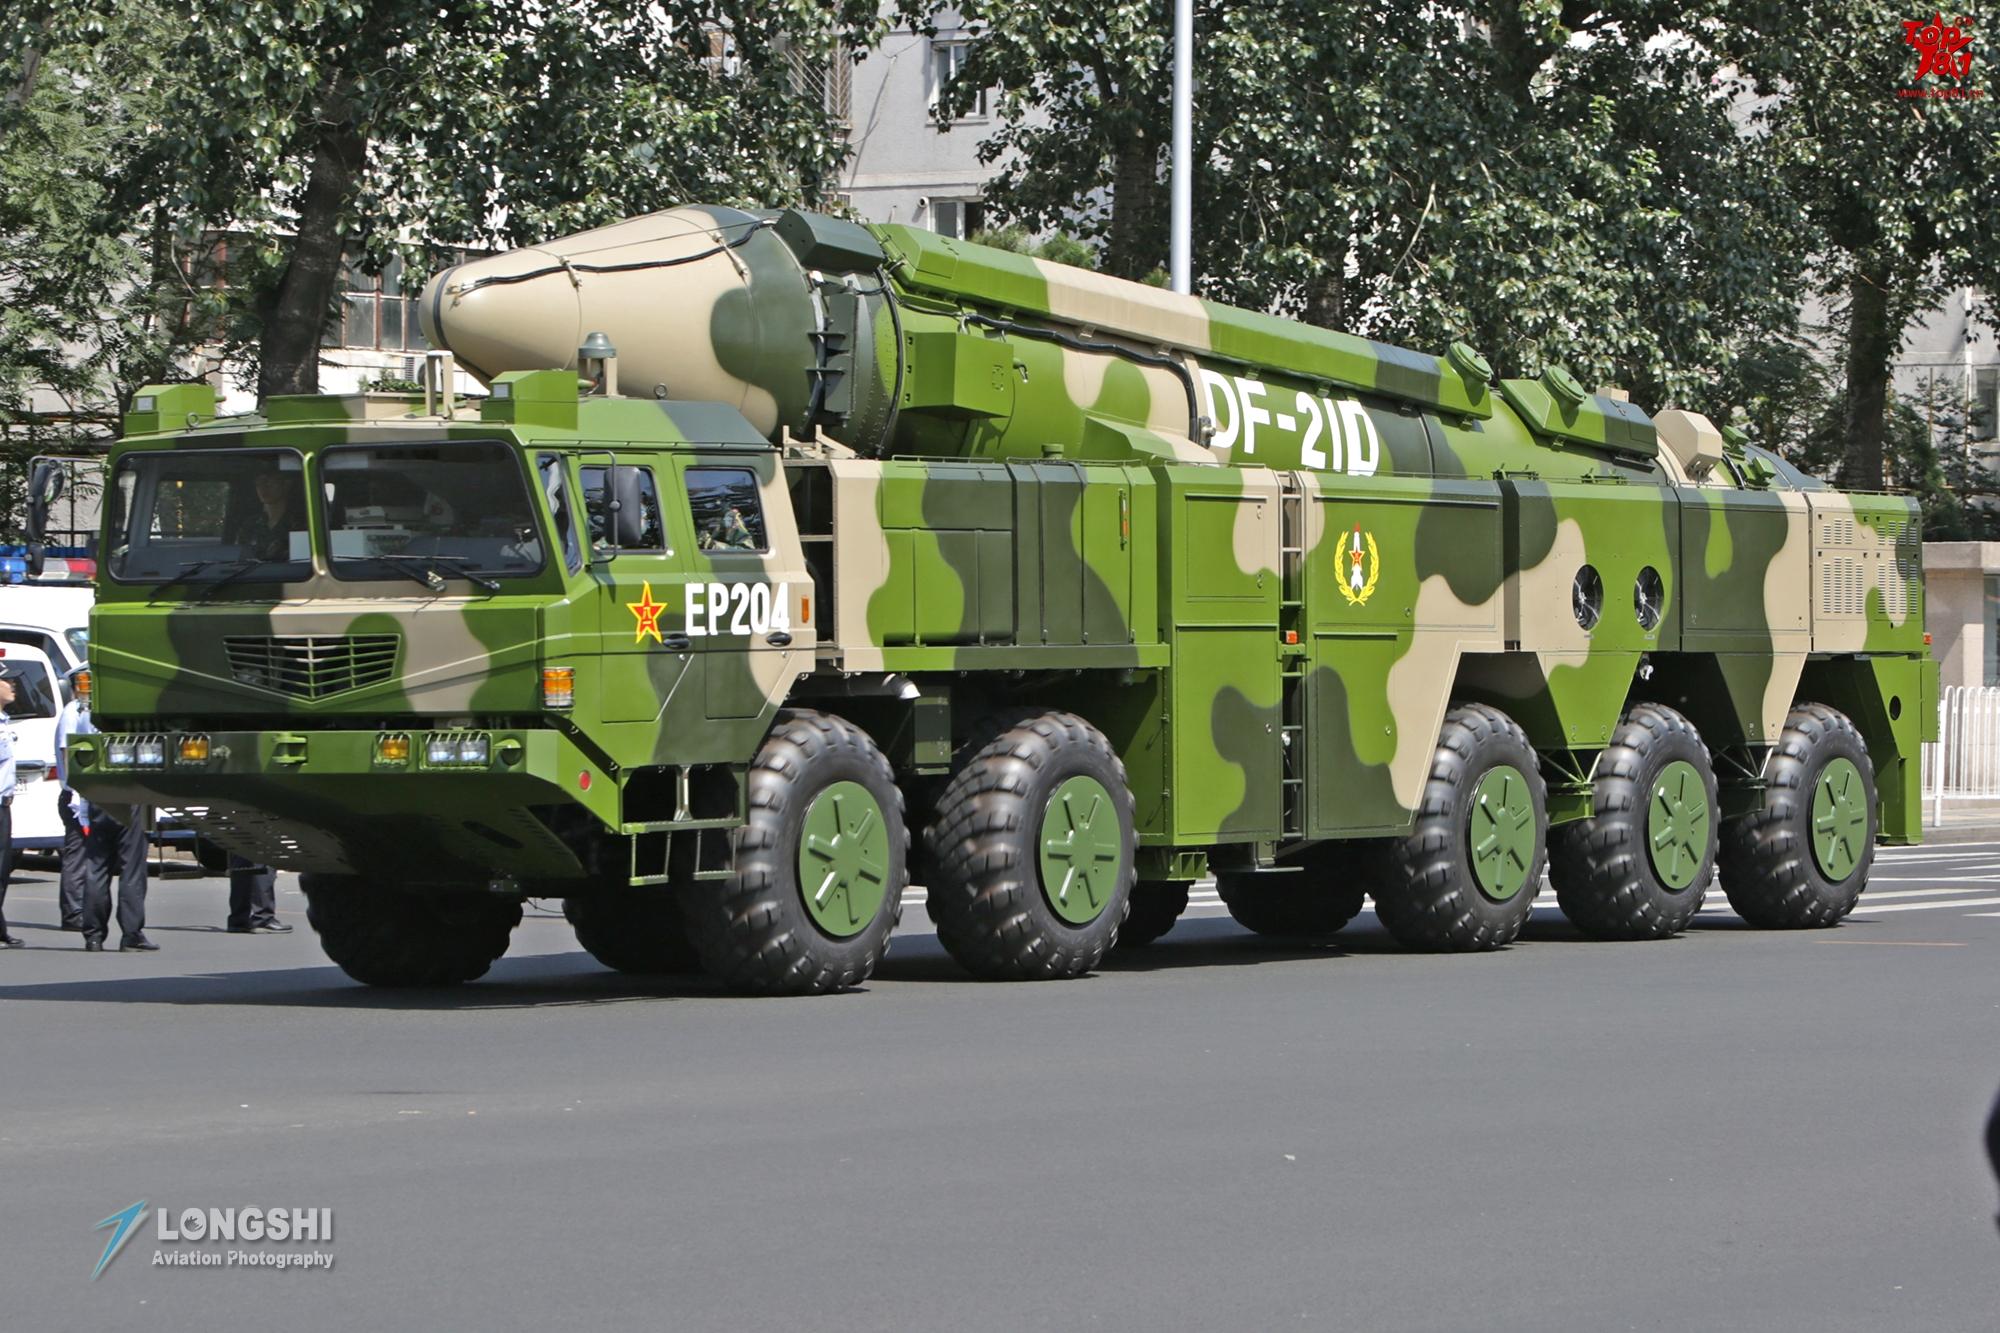 DF-21D Medium-range ballistic missile